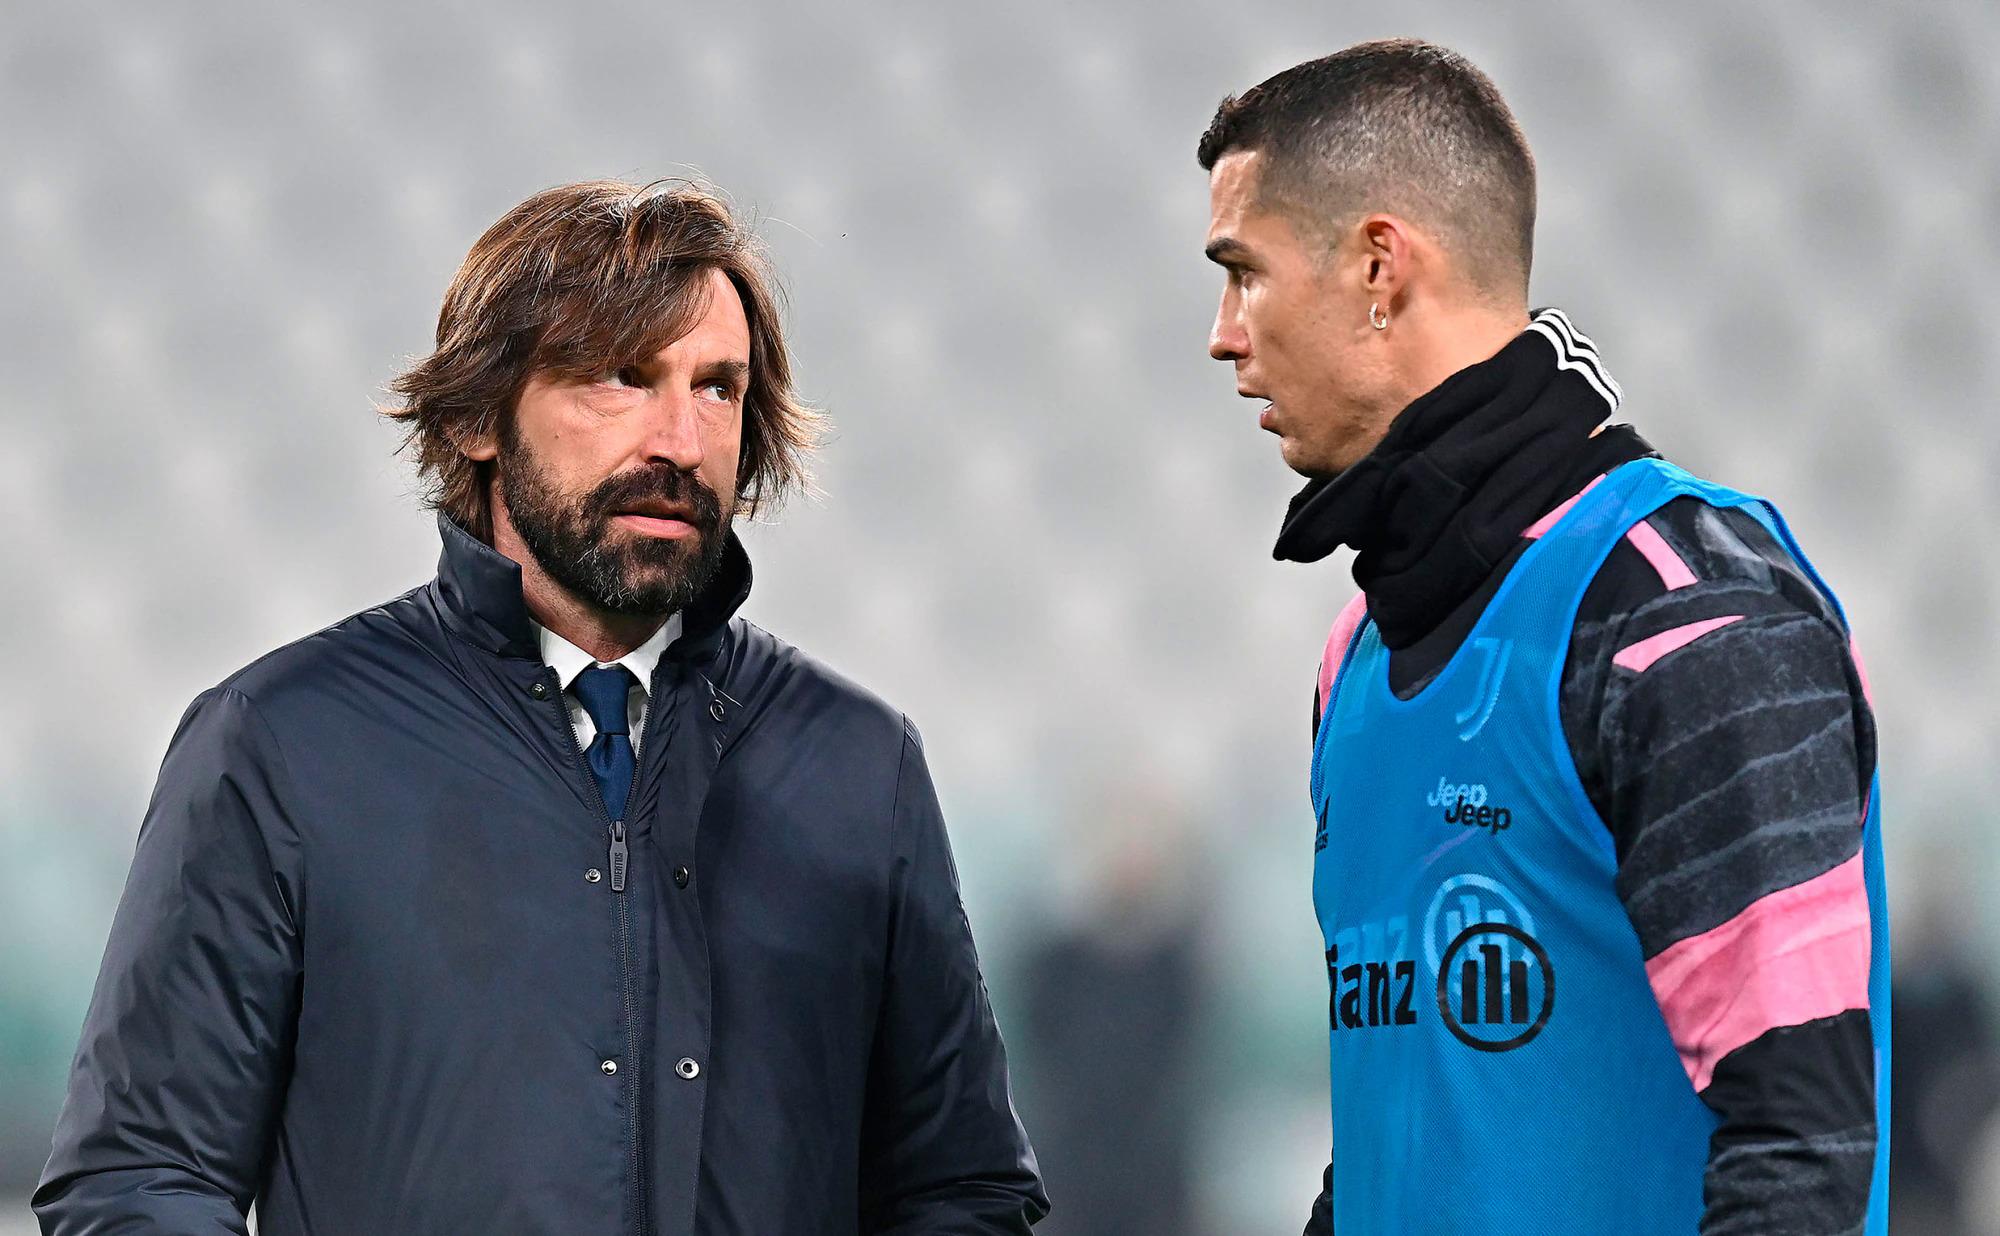 Pirlo dan Ronaldo berpeluang merebut gelar kedua musim ini untuk Juventus saat mereka bertanding di final Piala Italia hari ini.  Foto: ANSA